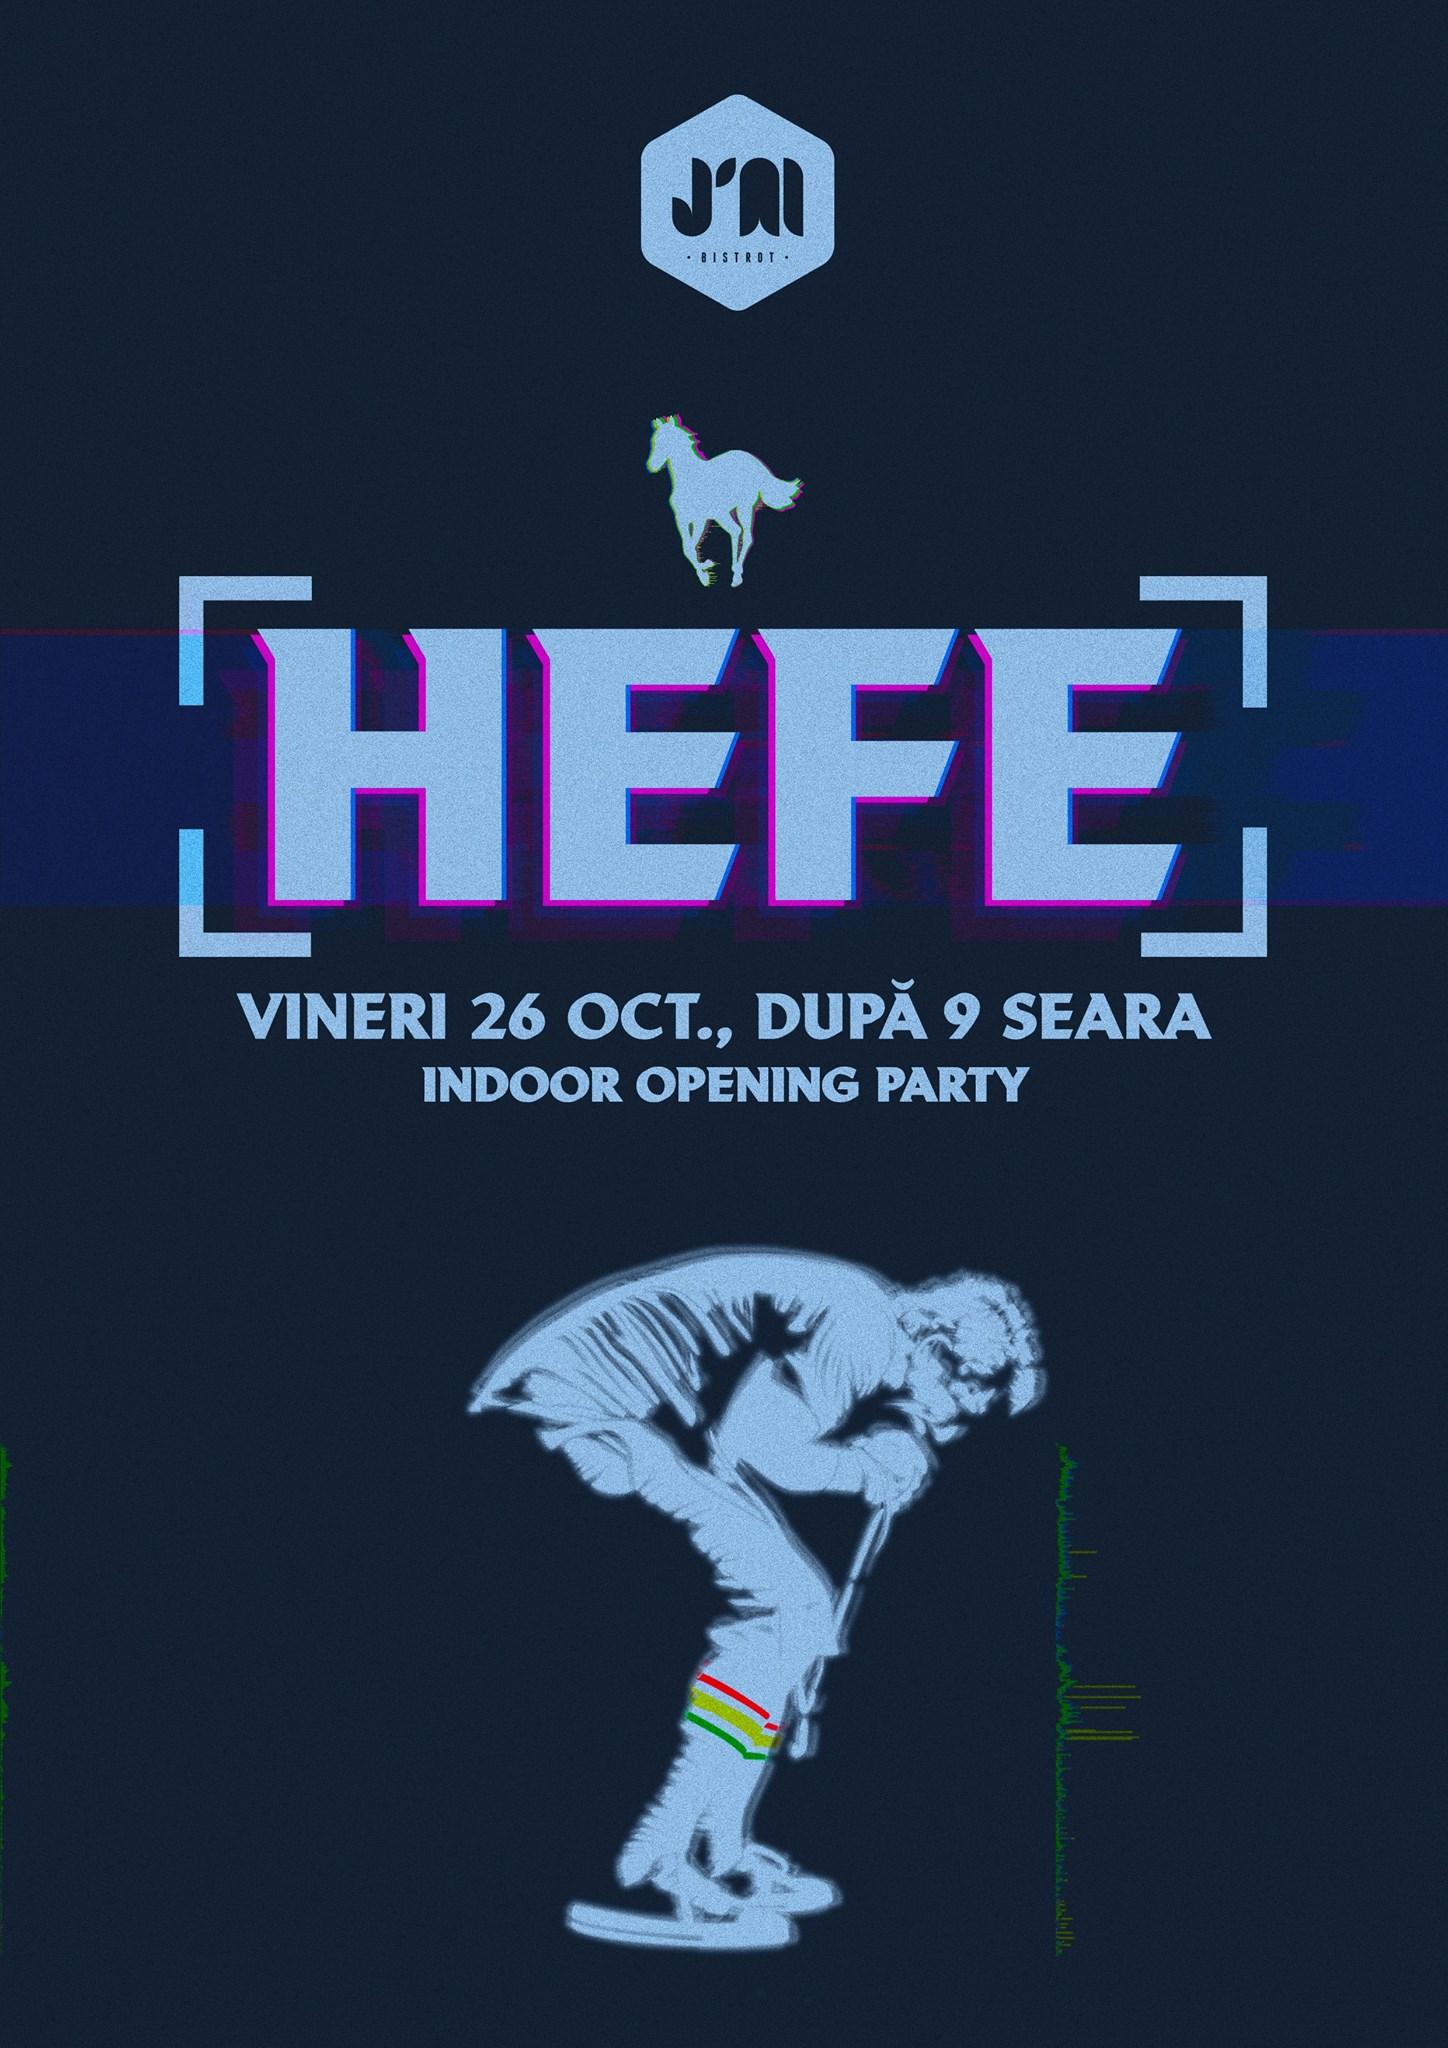 Indoor opening party cu Hefe